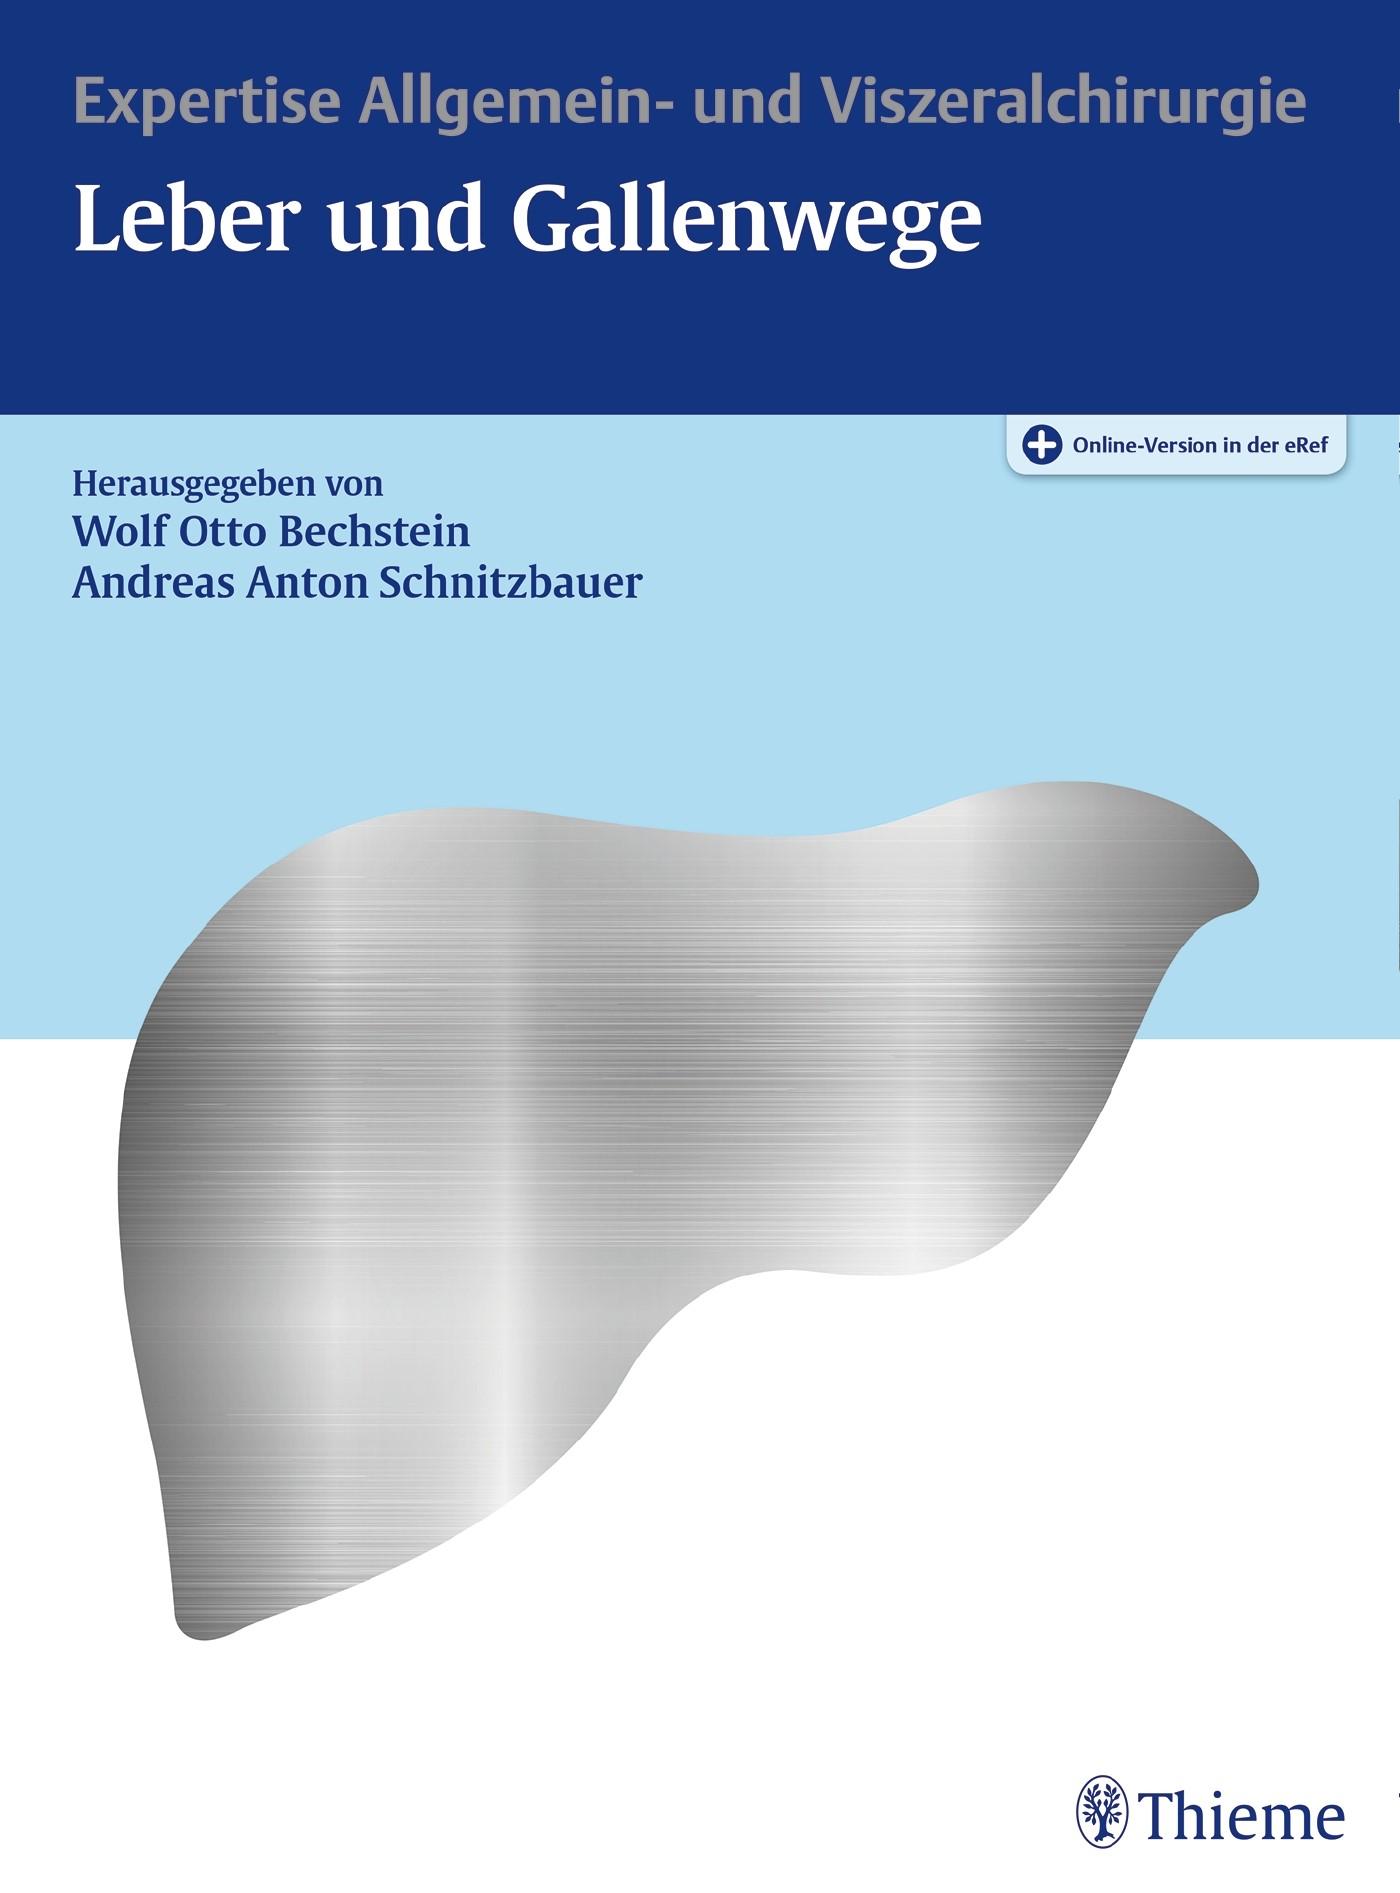 Leber und Gallenwege | Bechstein / Schnitzbauer (Hrsg.), 2018 (Cover)